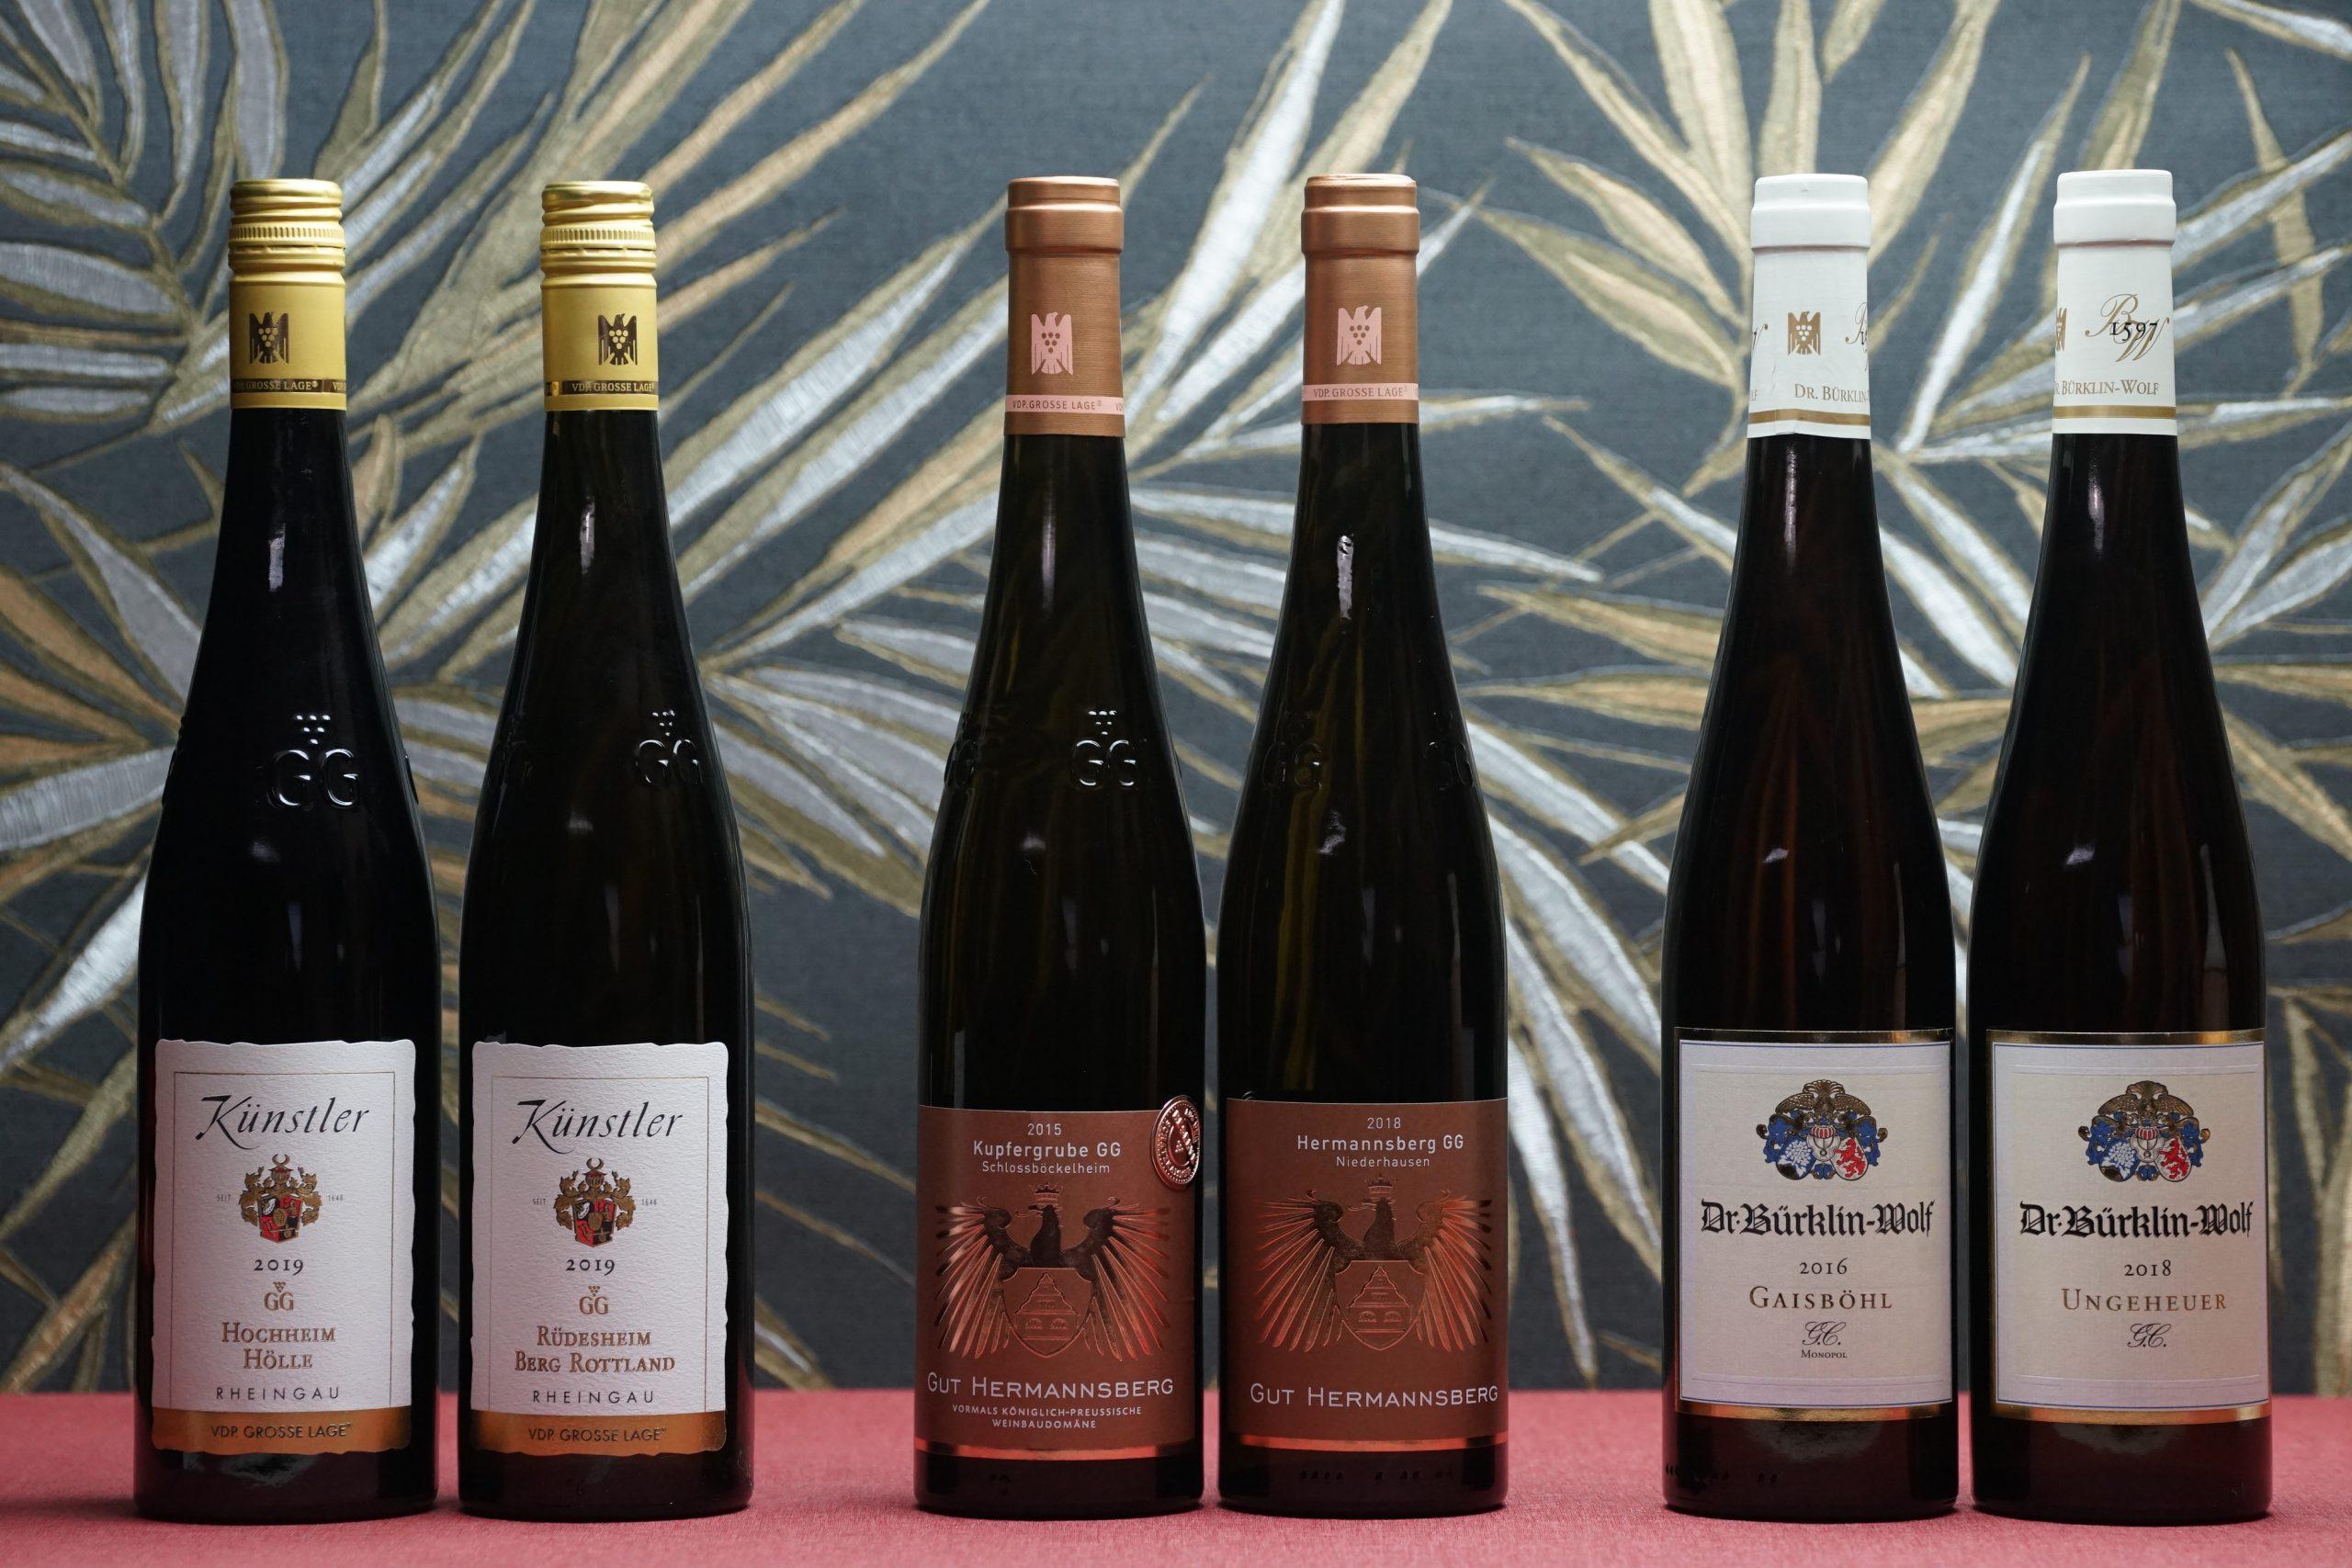 Die nächste Online-Weinverkostung finden am 01.04.2021 statt - mit den 6 Spitzenrieslingen vom Weingut Künstler, Weingut Dr. Bürklin-Wolf und Gut Hermannsberg